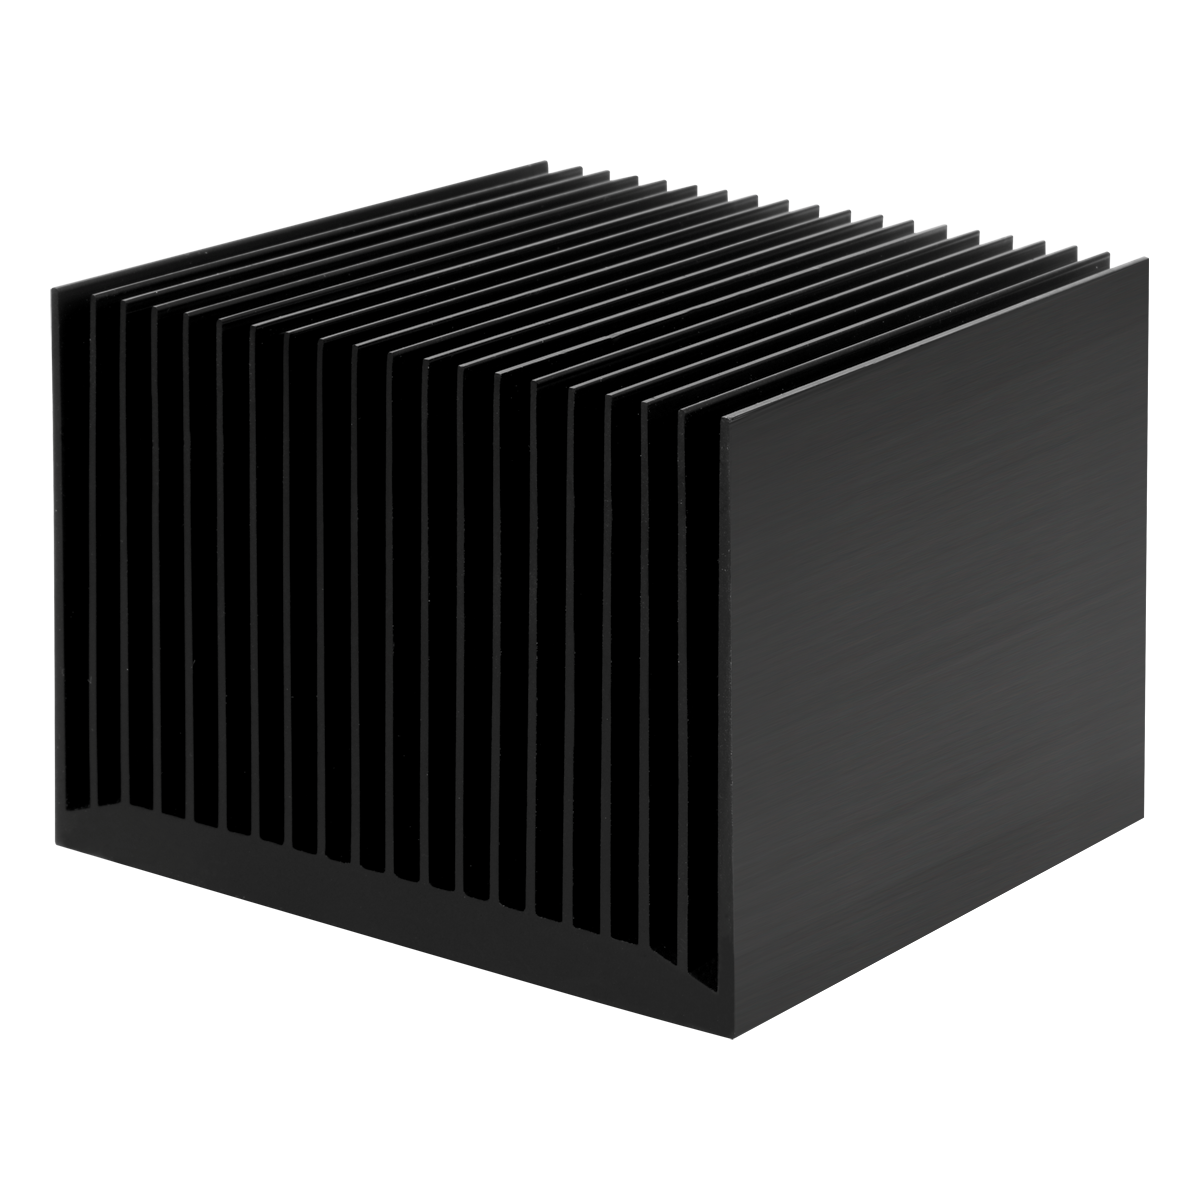 Silent CPU Cooler for Intel CPU ARCTIC 12 Passive